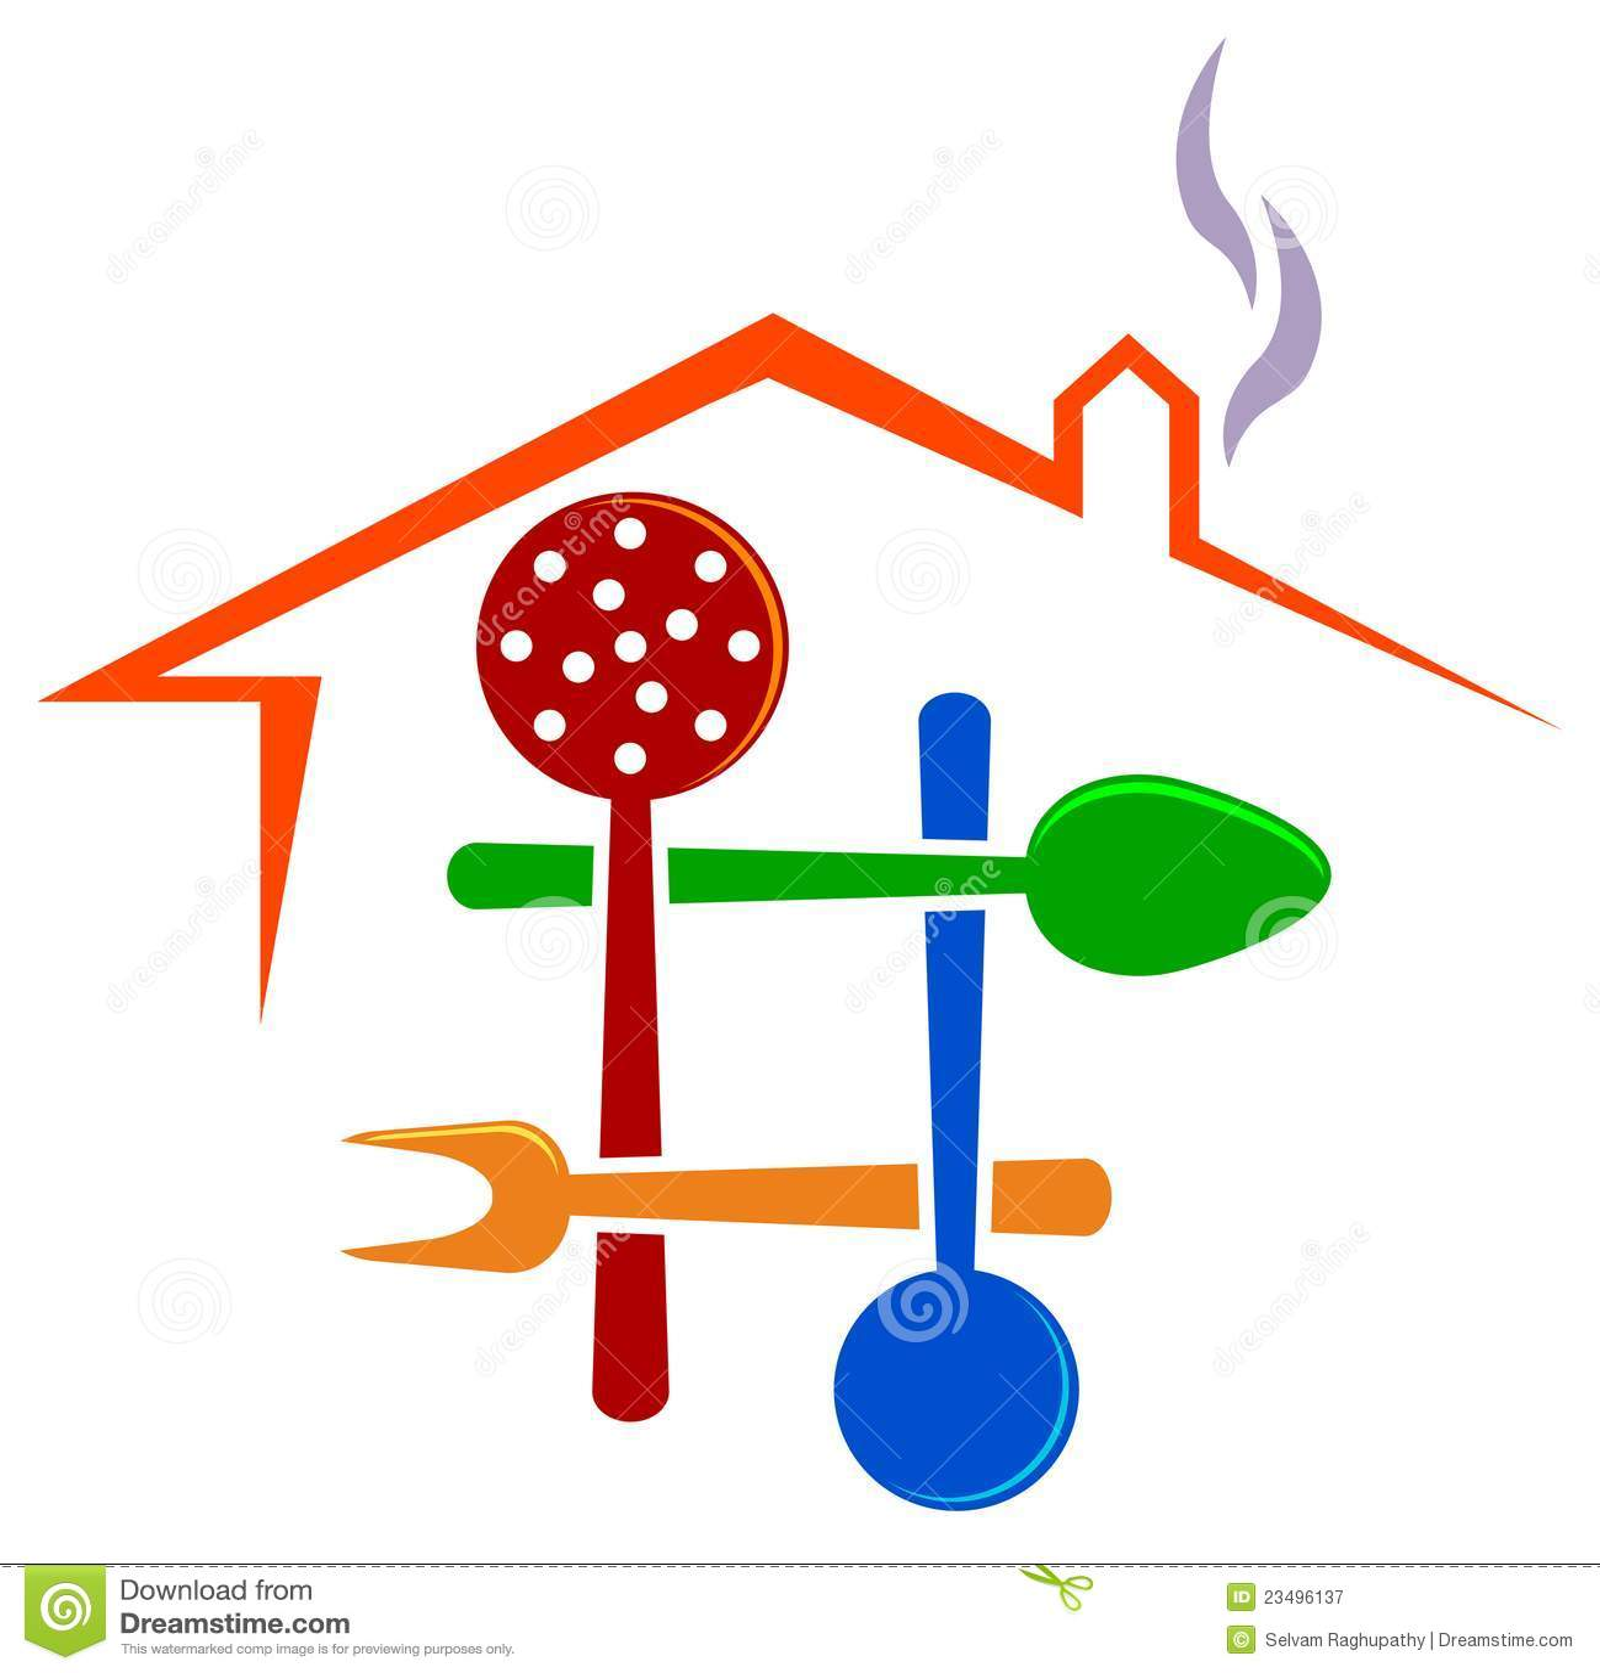 Conception d'isolement illustrée de logo de restaurant.